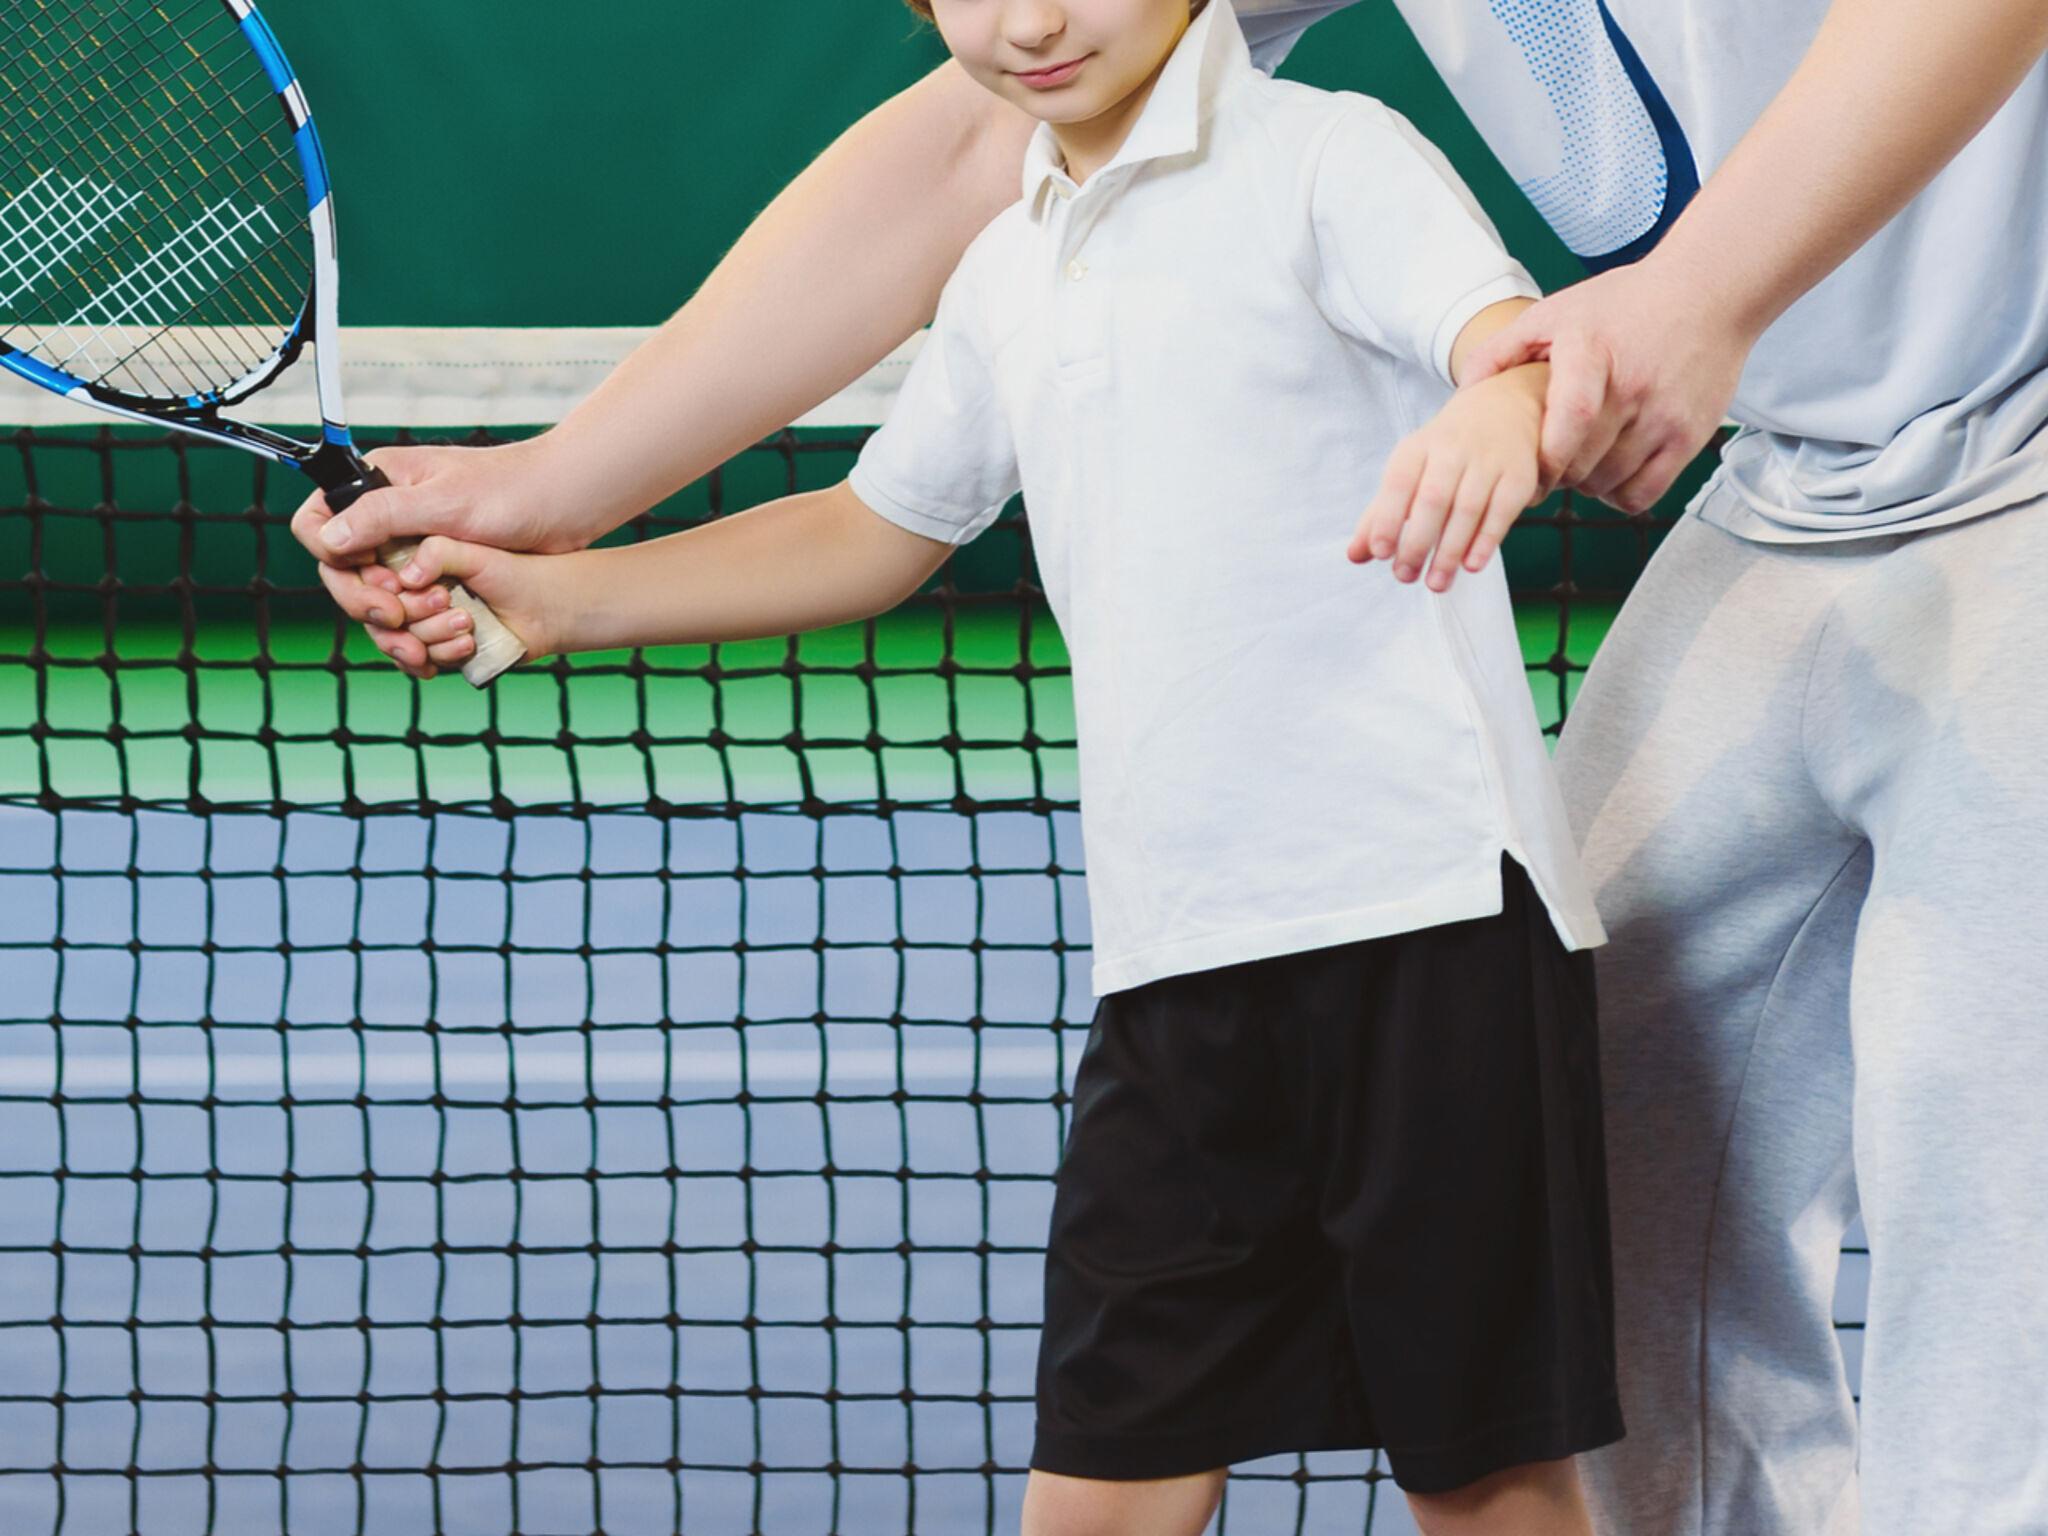 男の子がコーチにテニスの指導を受けている画像